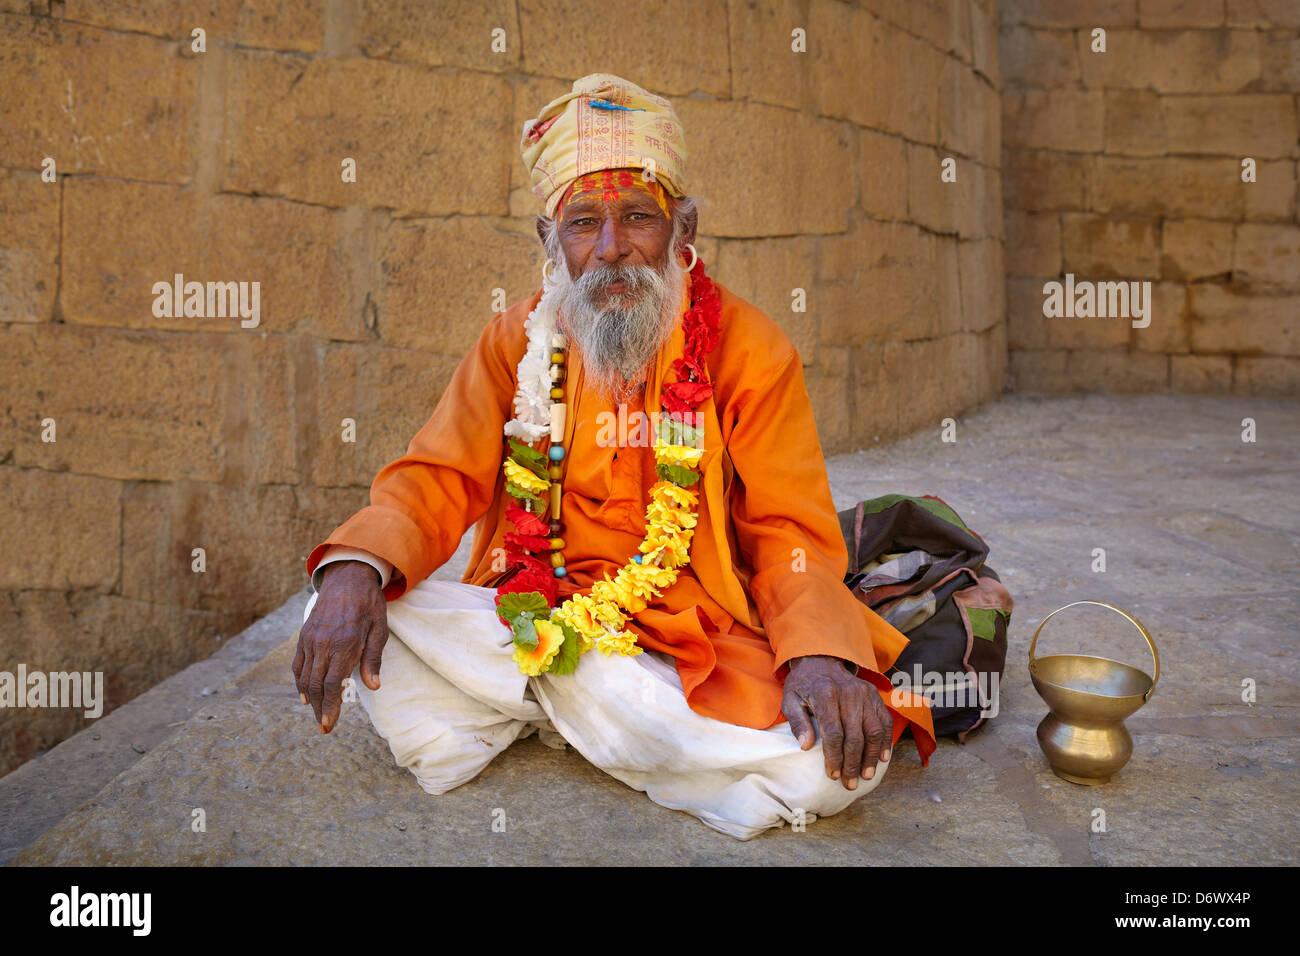 Portrait of smiling India Hindu Holy Man, Sadhu, Jaisalmer Fort, Rajasthan, India - Stock Image